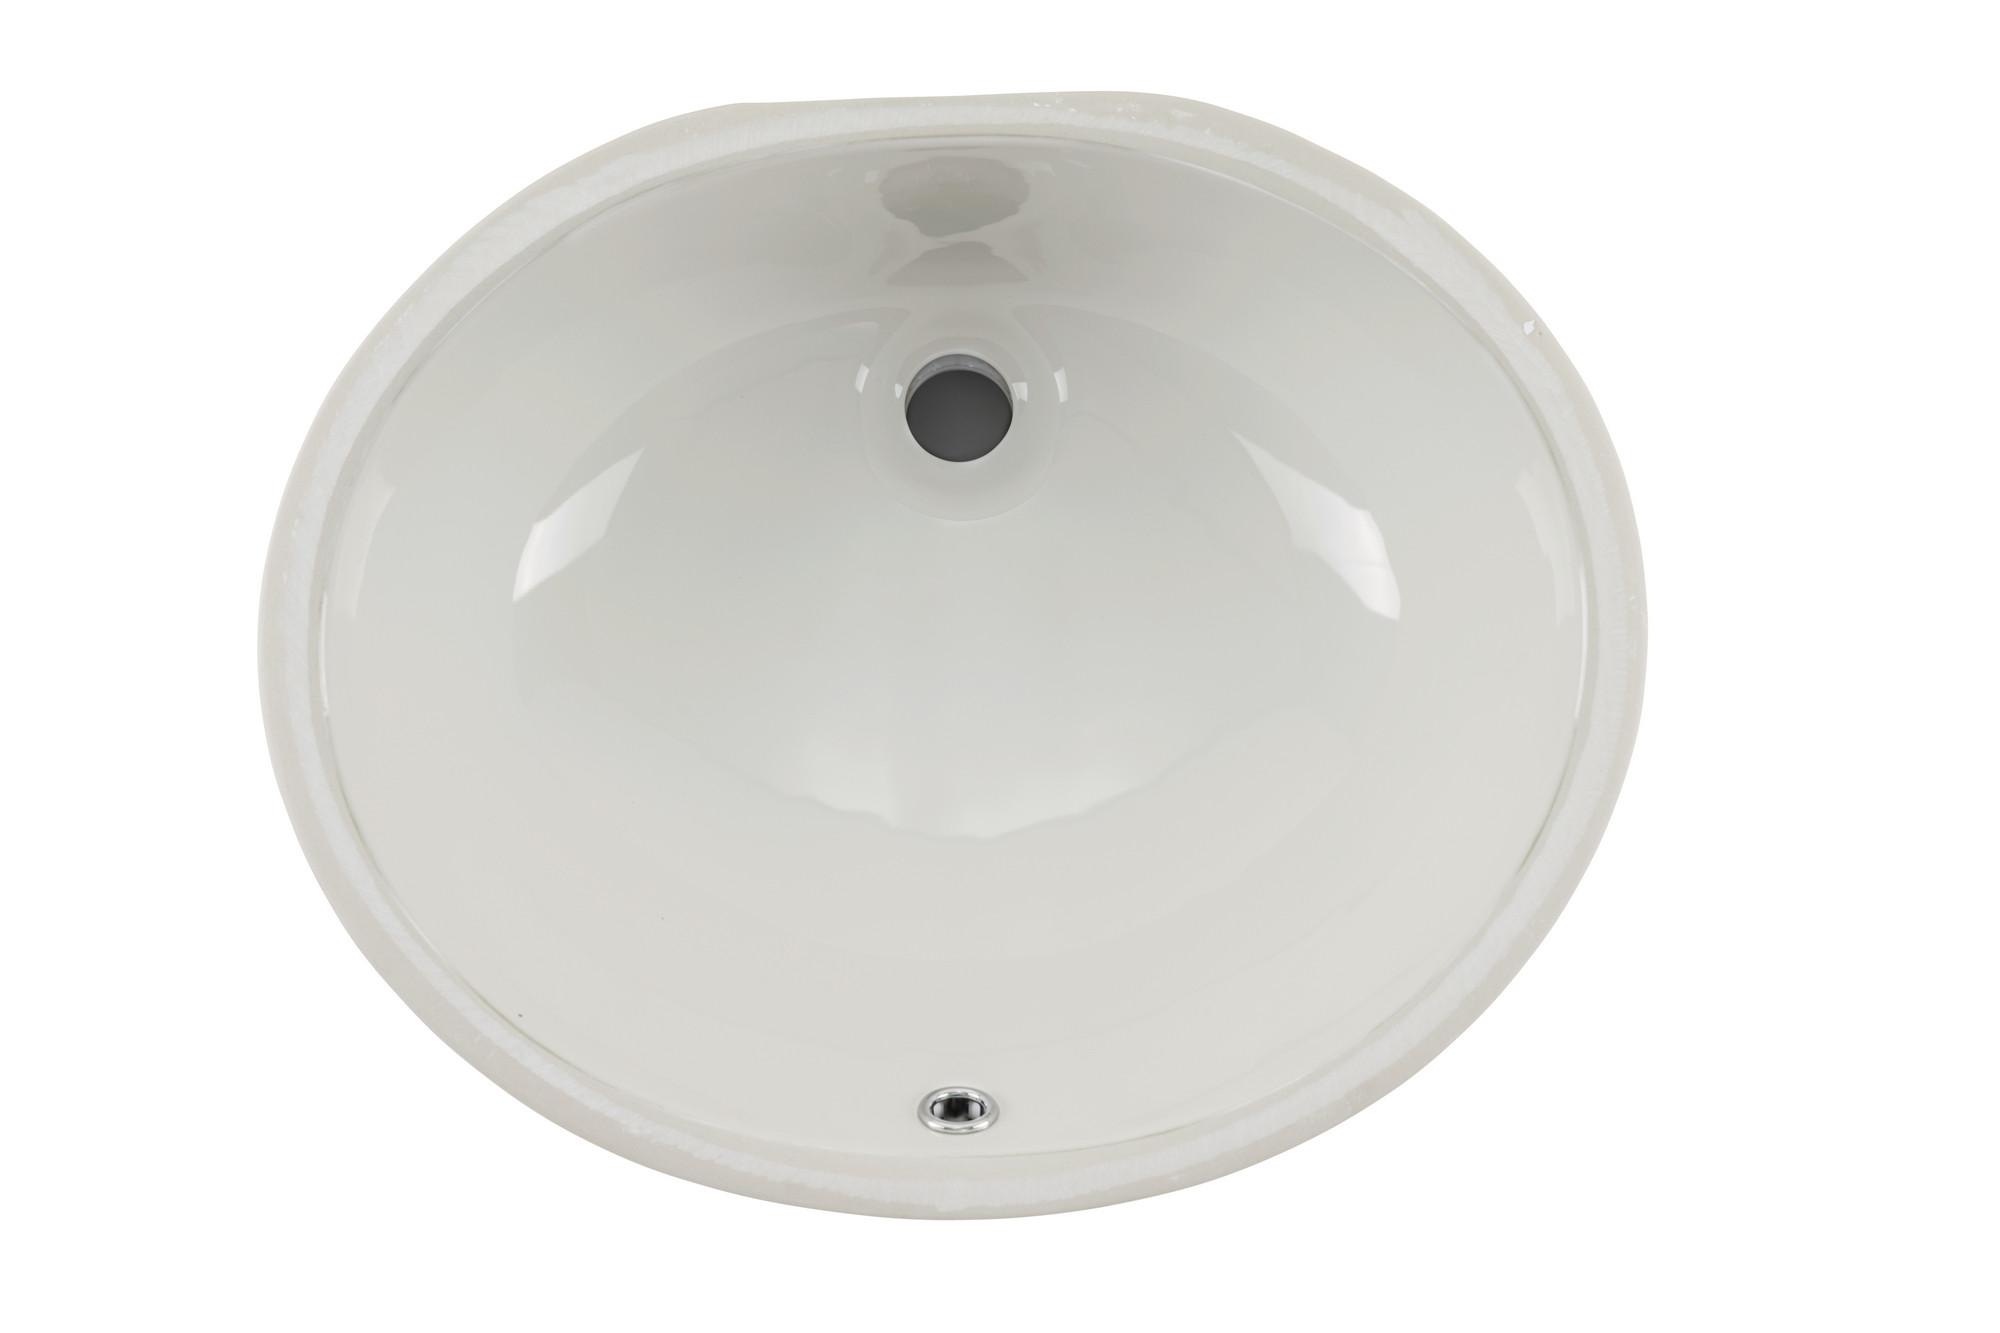 Cahaba CA425V15-B 15 x 12 Biscuit Glazed Porcelain Bathroom Sink